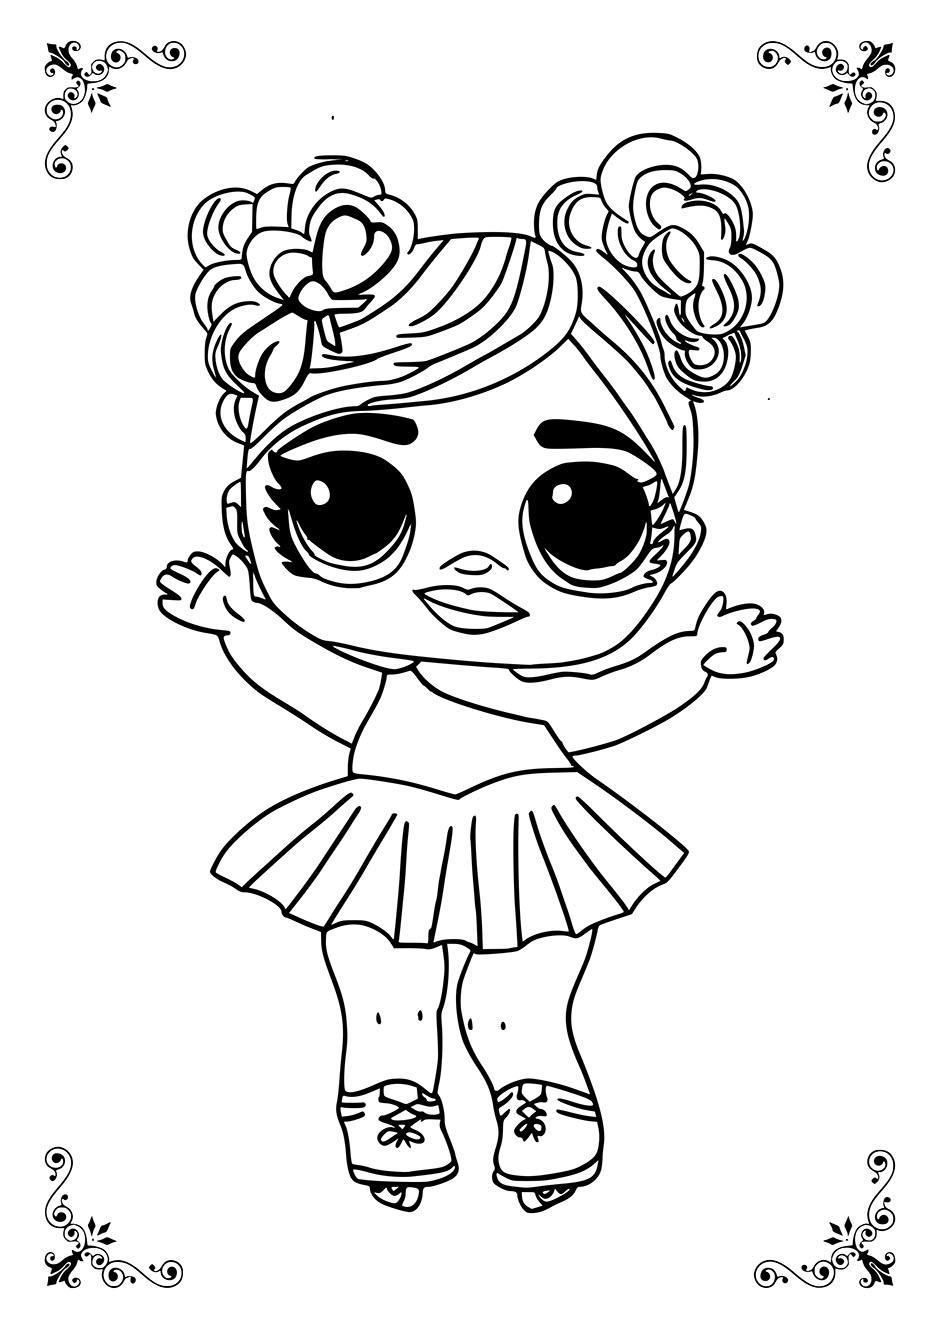 Раскраска: кукла ЛОЛ на коньках — raskraski-a4.ru